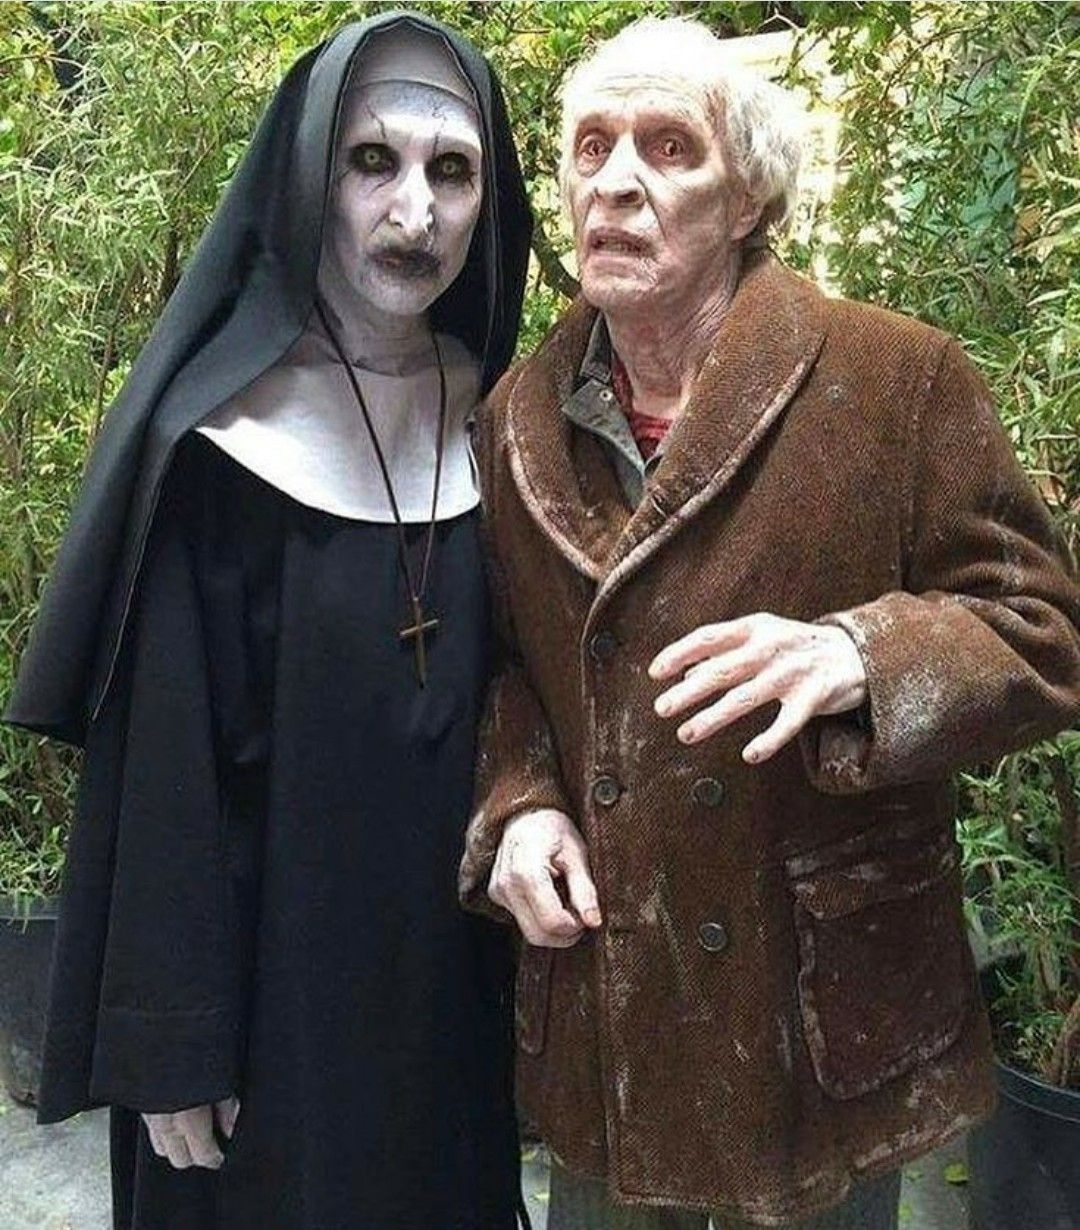 Pin By Marcos Medina On Horror Movie Stills Pinterest Movie